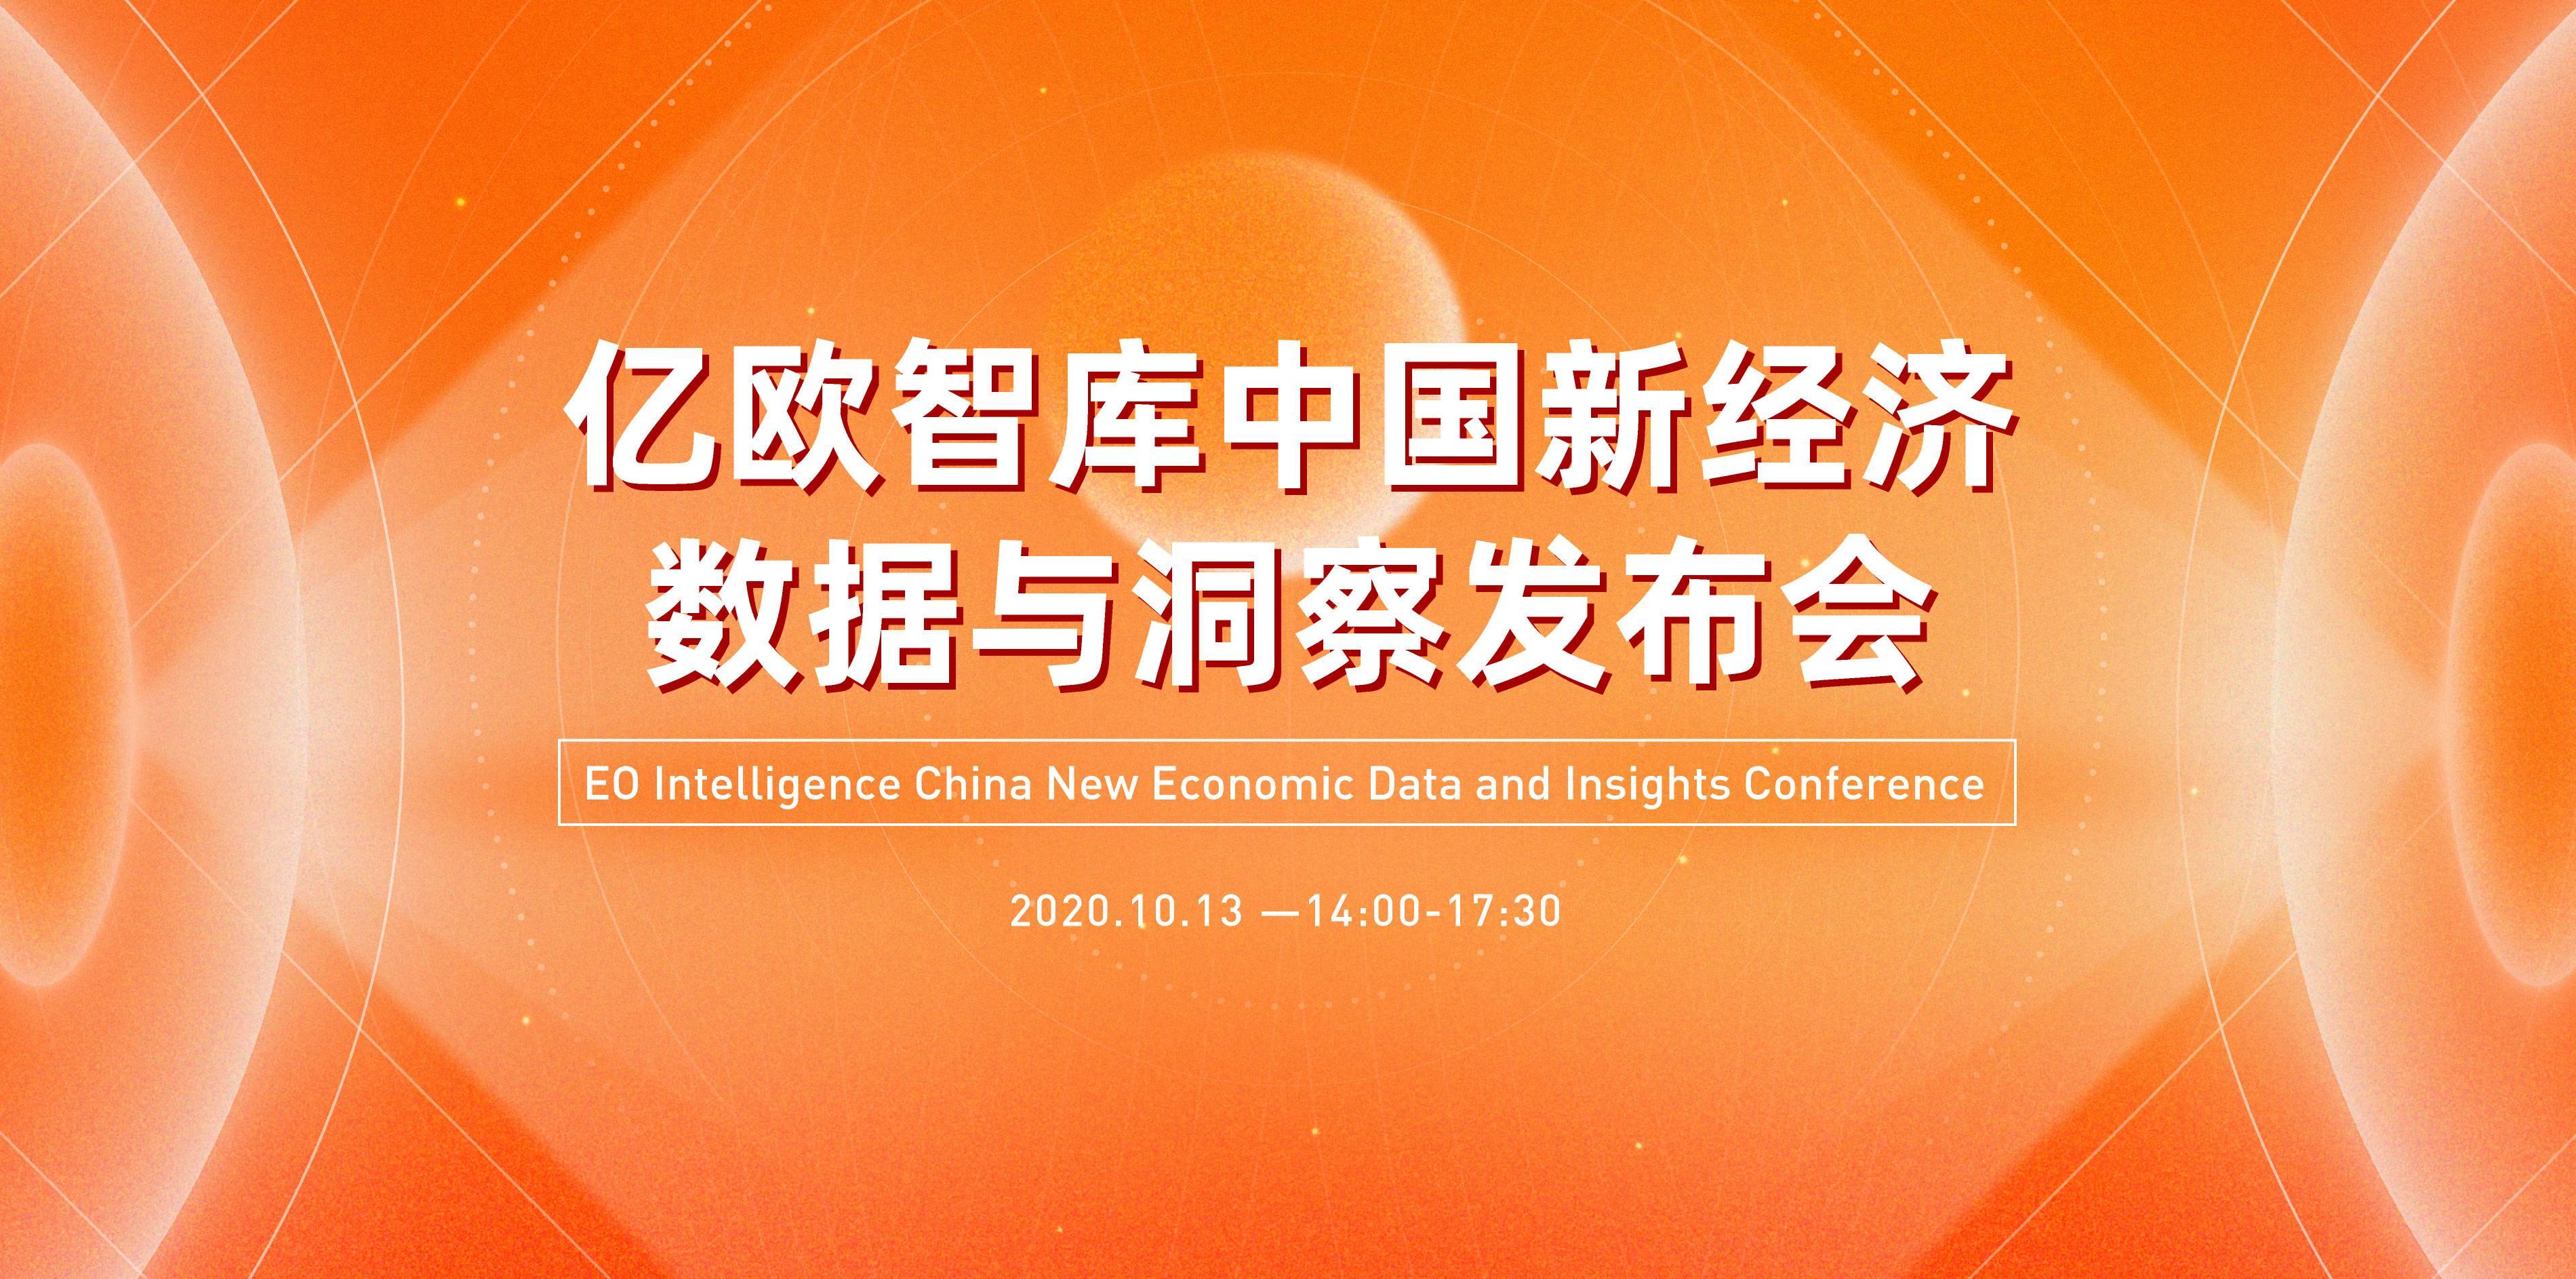 【活动】必赢亚州366net智库中国新经济数据与洞察发布会-必赢亚州366net